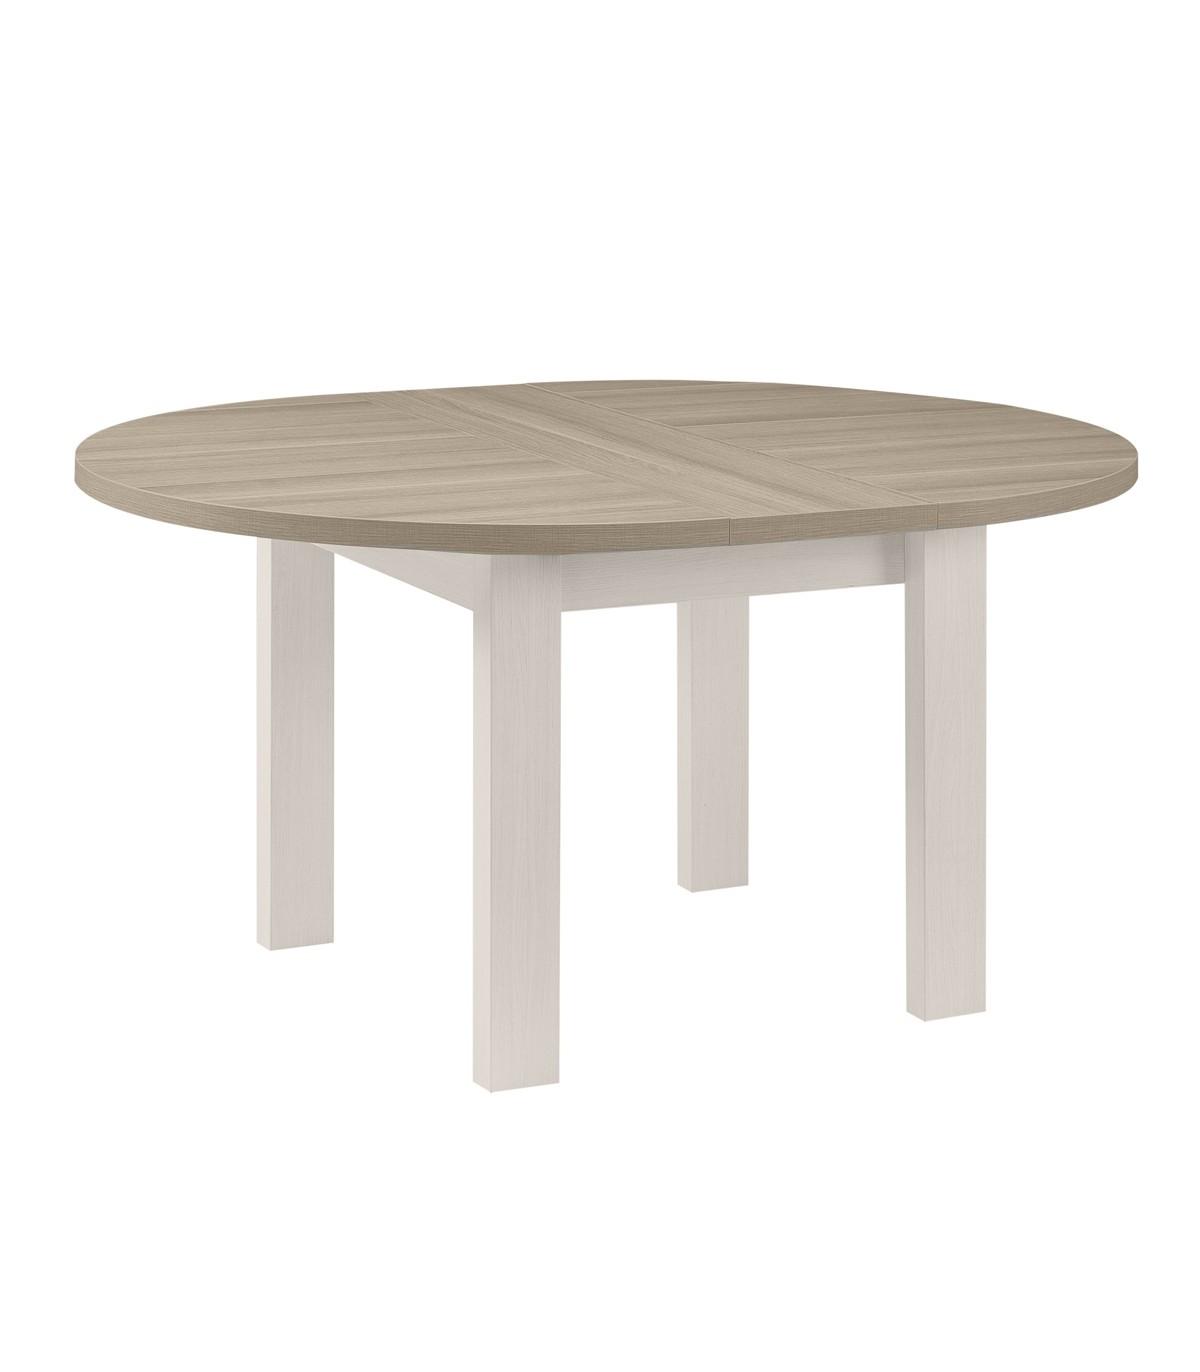 Table à manger ronde avec allonge incluse - Marron